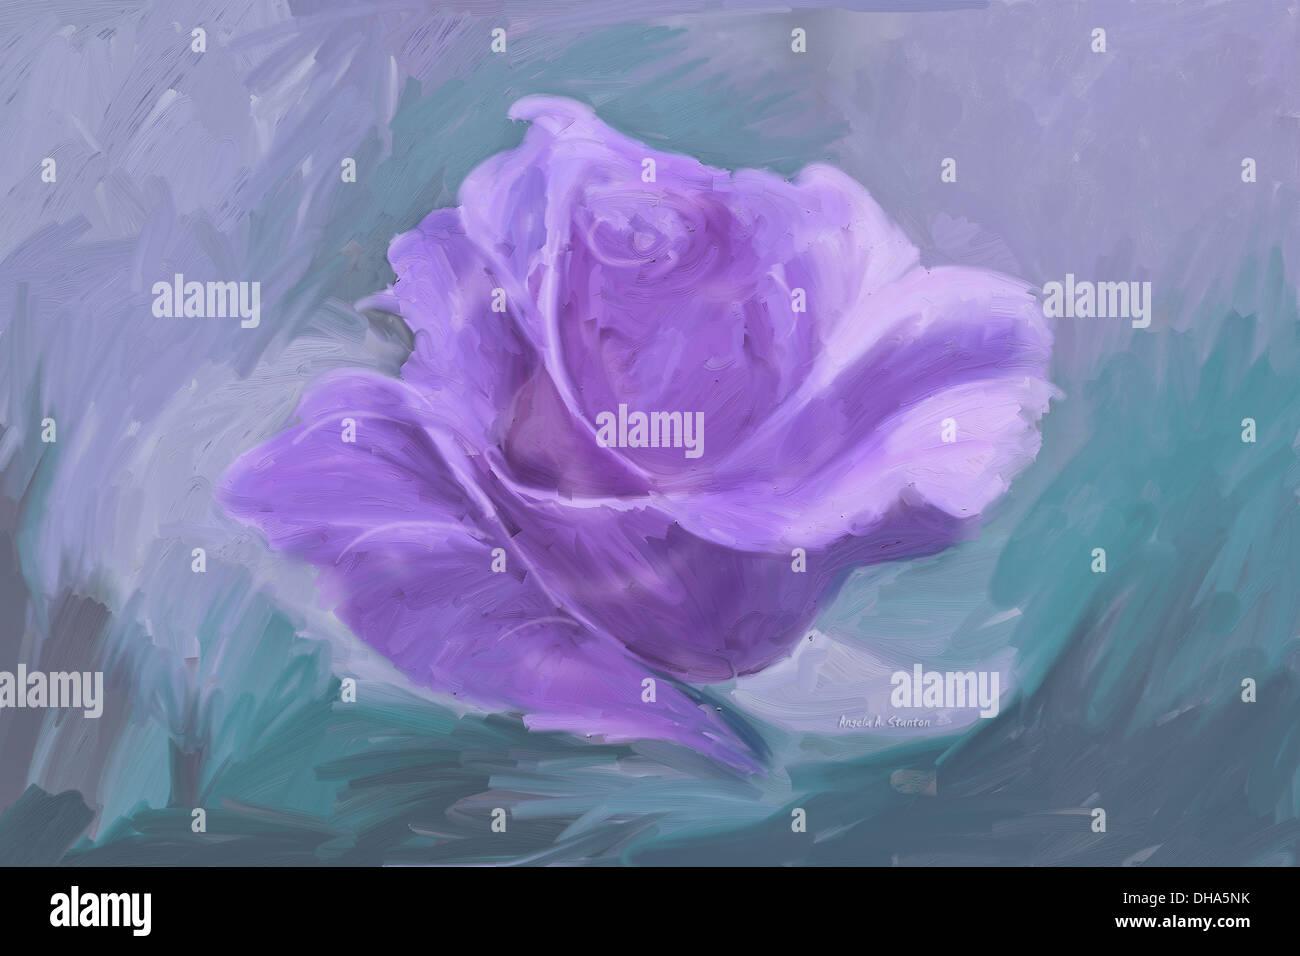 Computer immagine generata di un fiore viola Immagini Stock